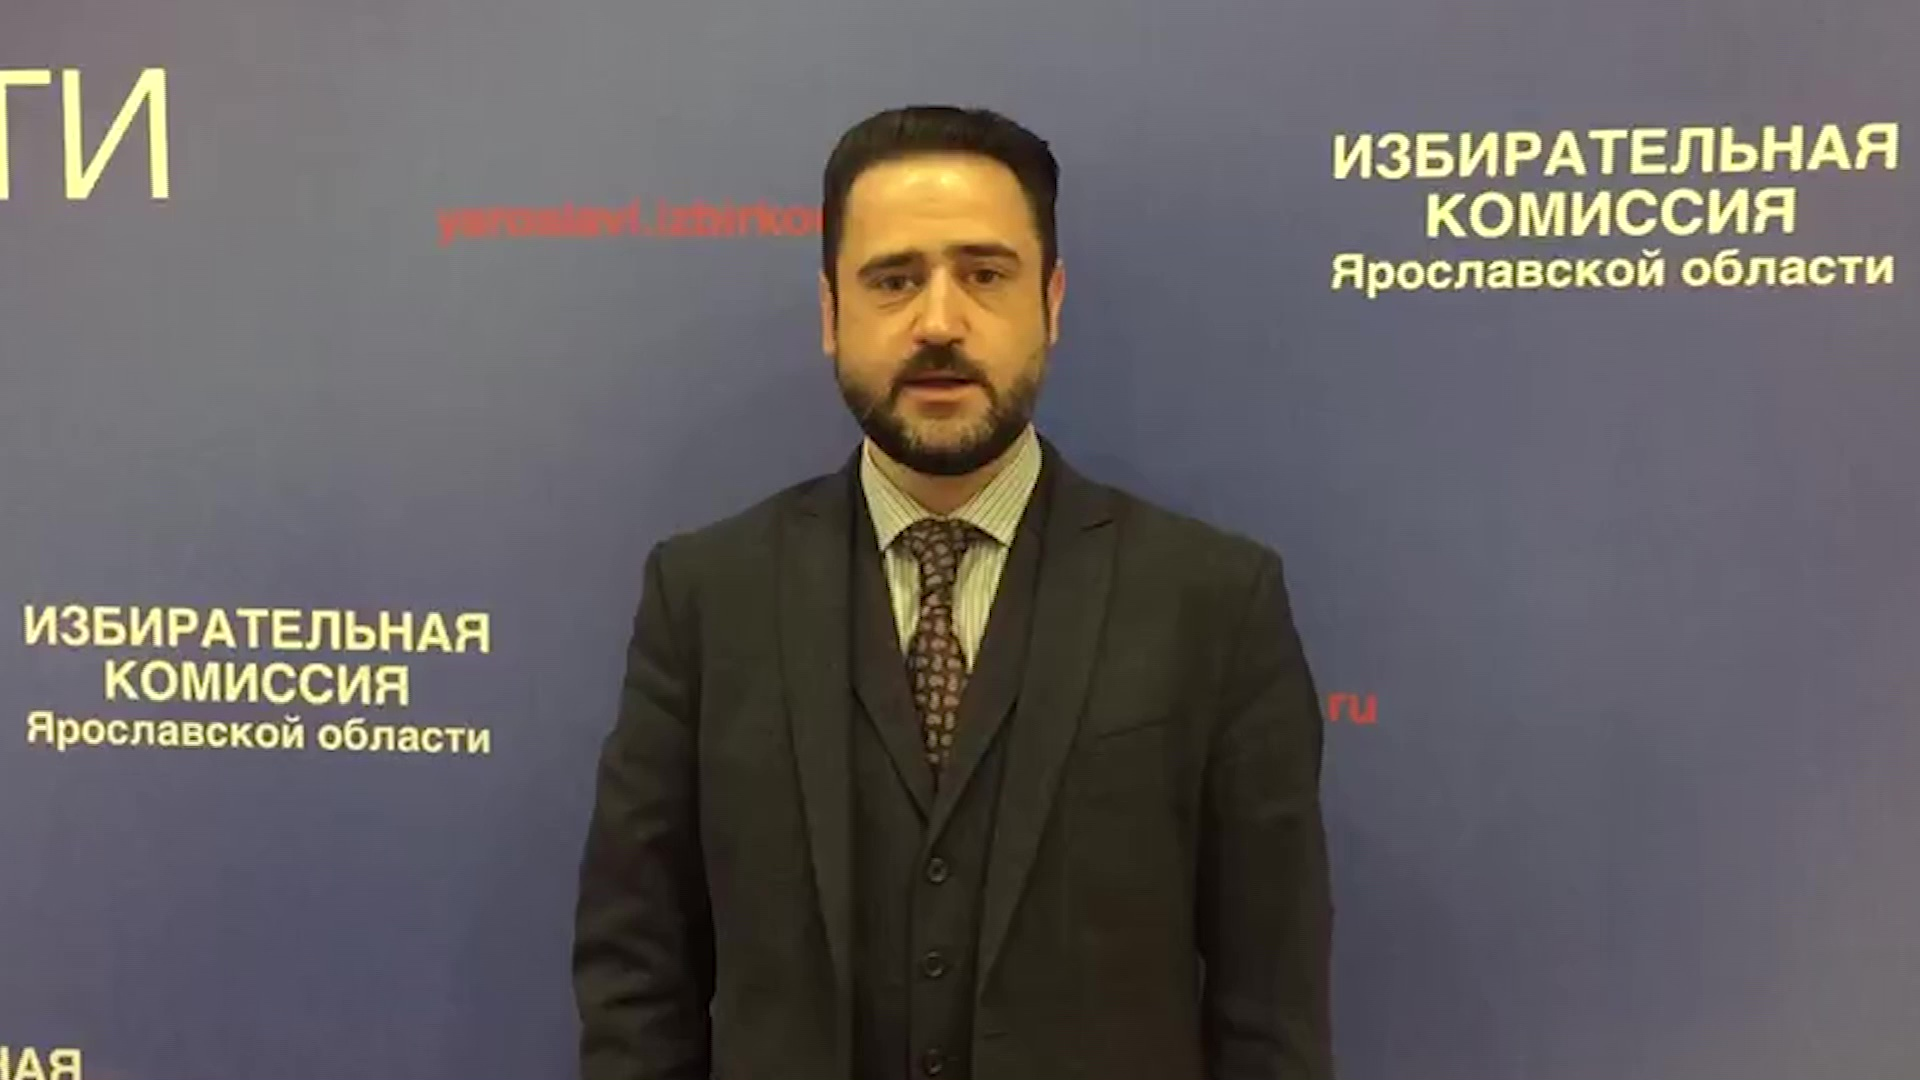 Олег Захаров: «В голосовании приняло участие более 35% жителей Ярославской области»